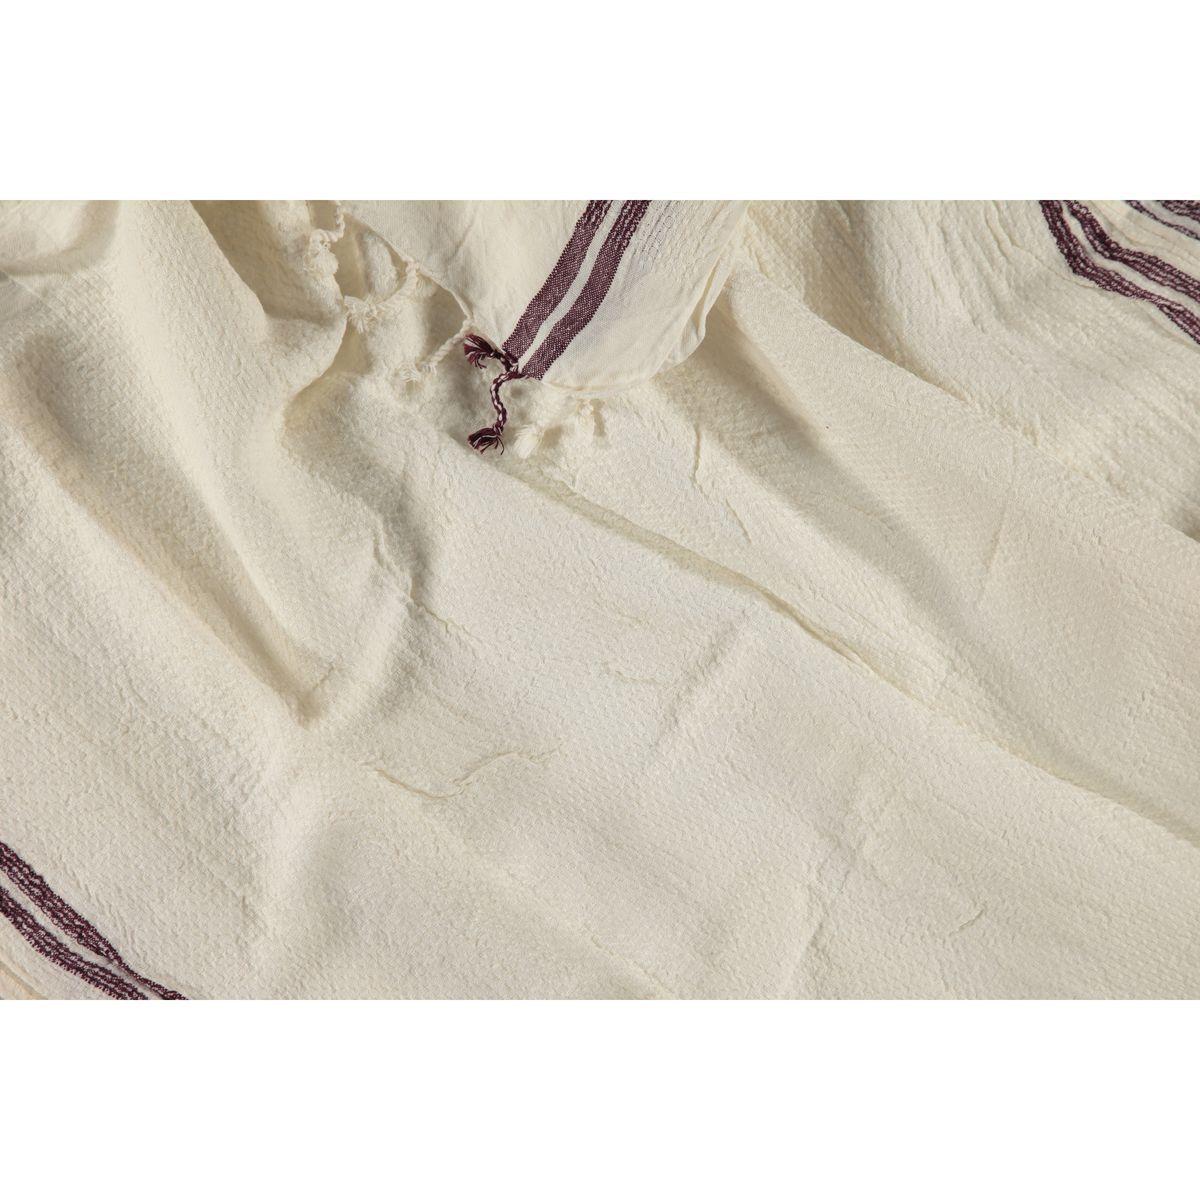 Peshtemal Petek / Ecru - Bordeaux Stripes